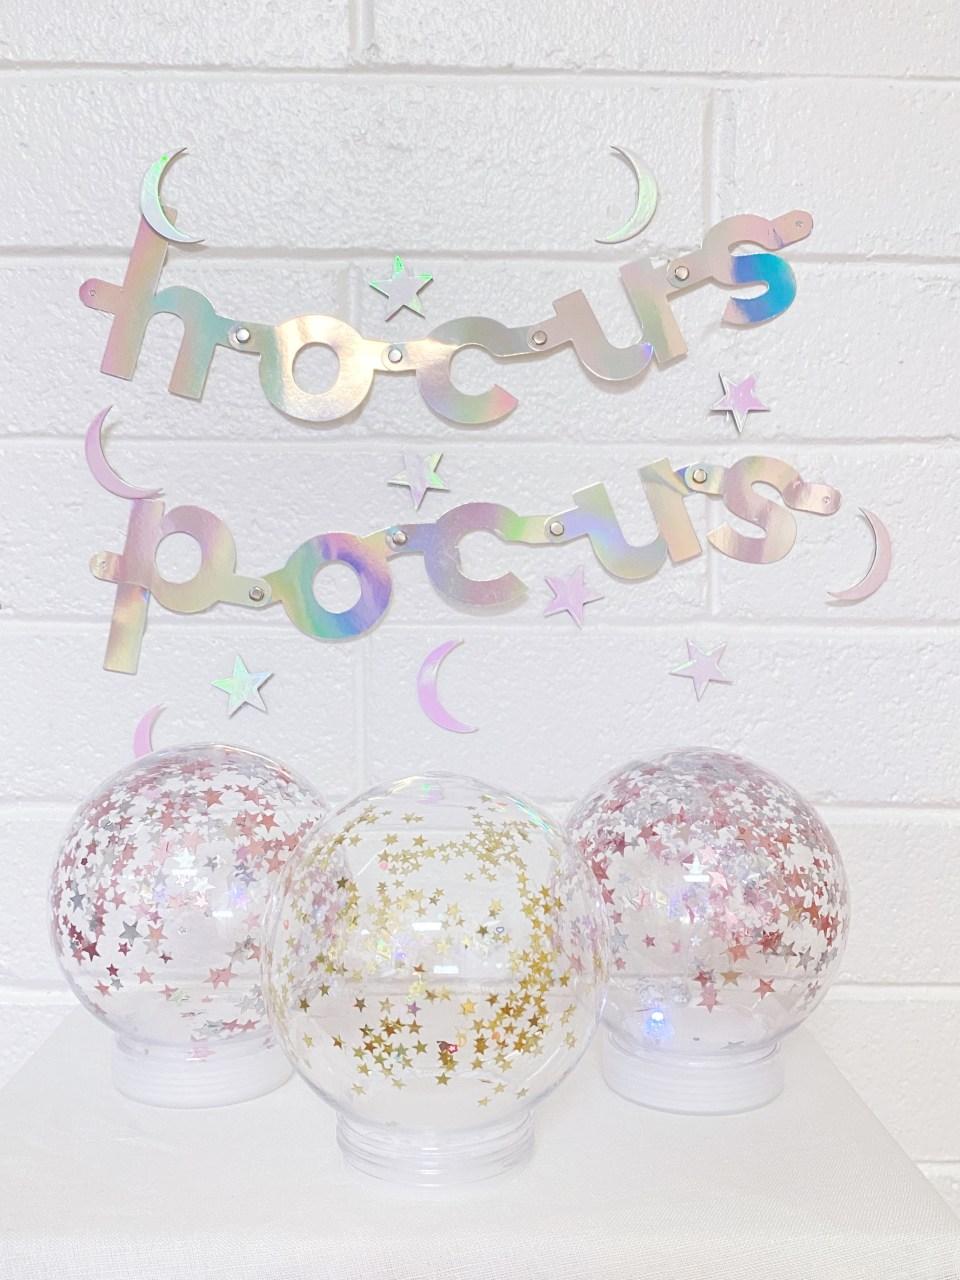 diy magic crystal ball with hocus pocus sign